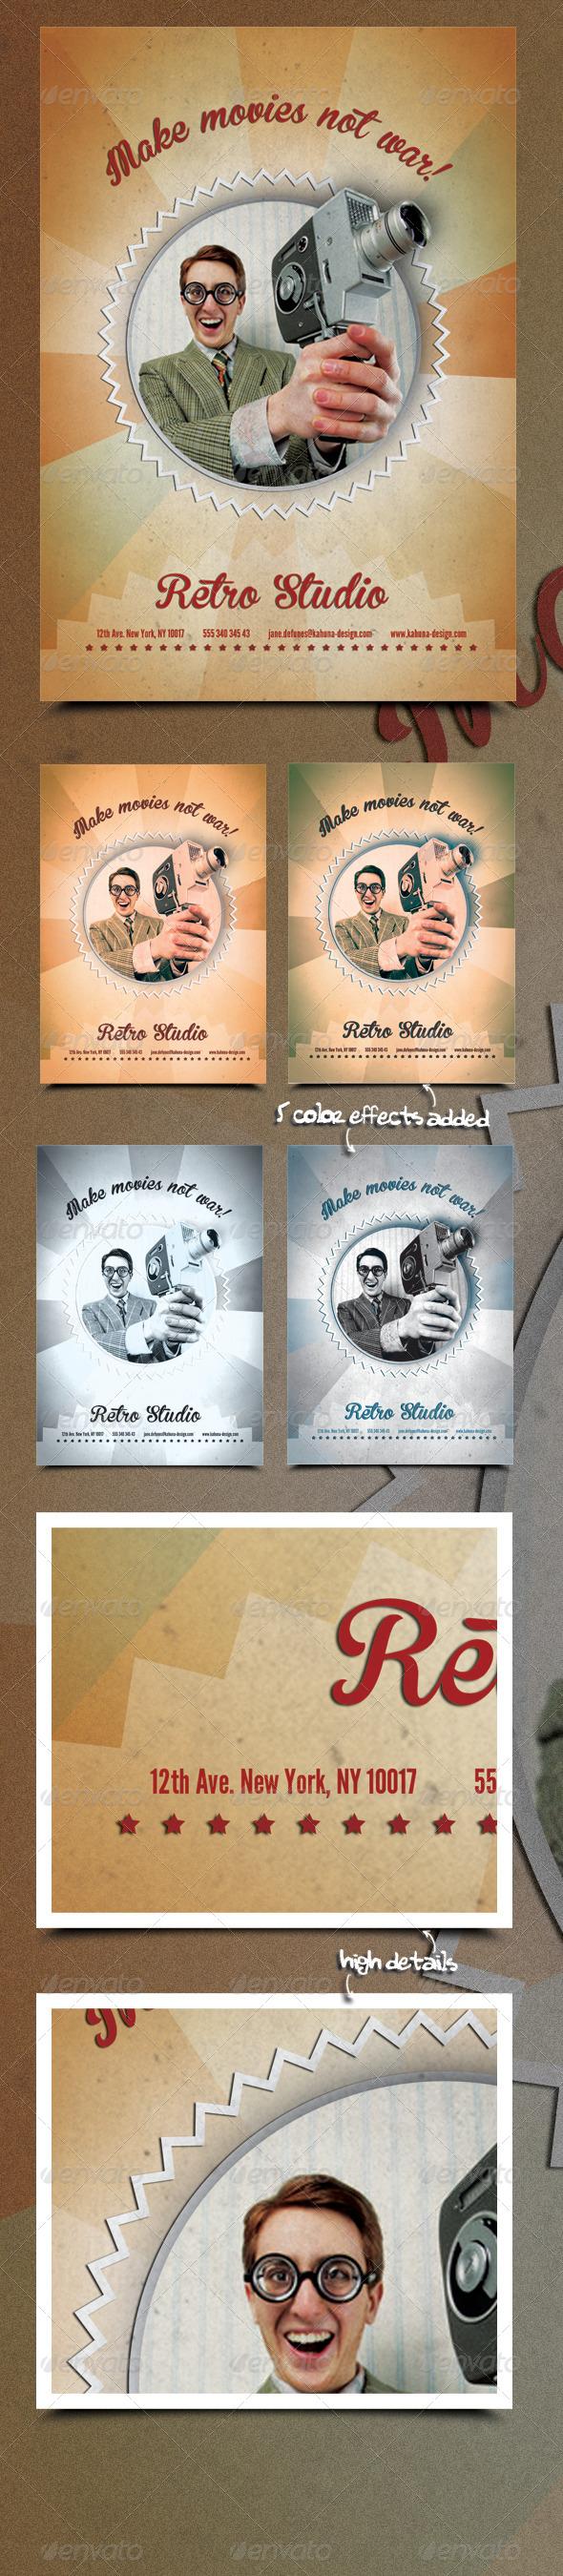 GraphicRiver Retro Studio Flyer Poster 5515257